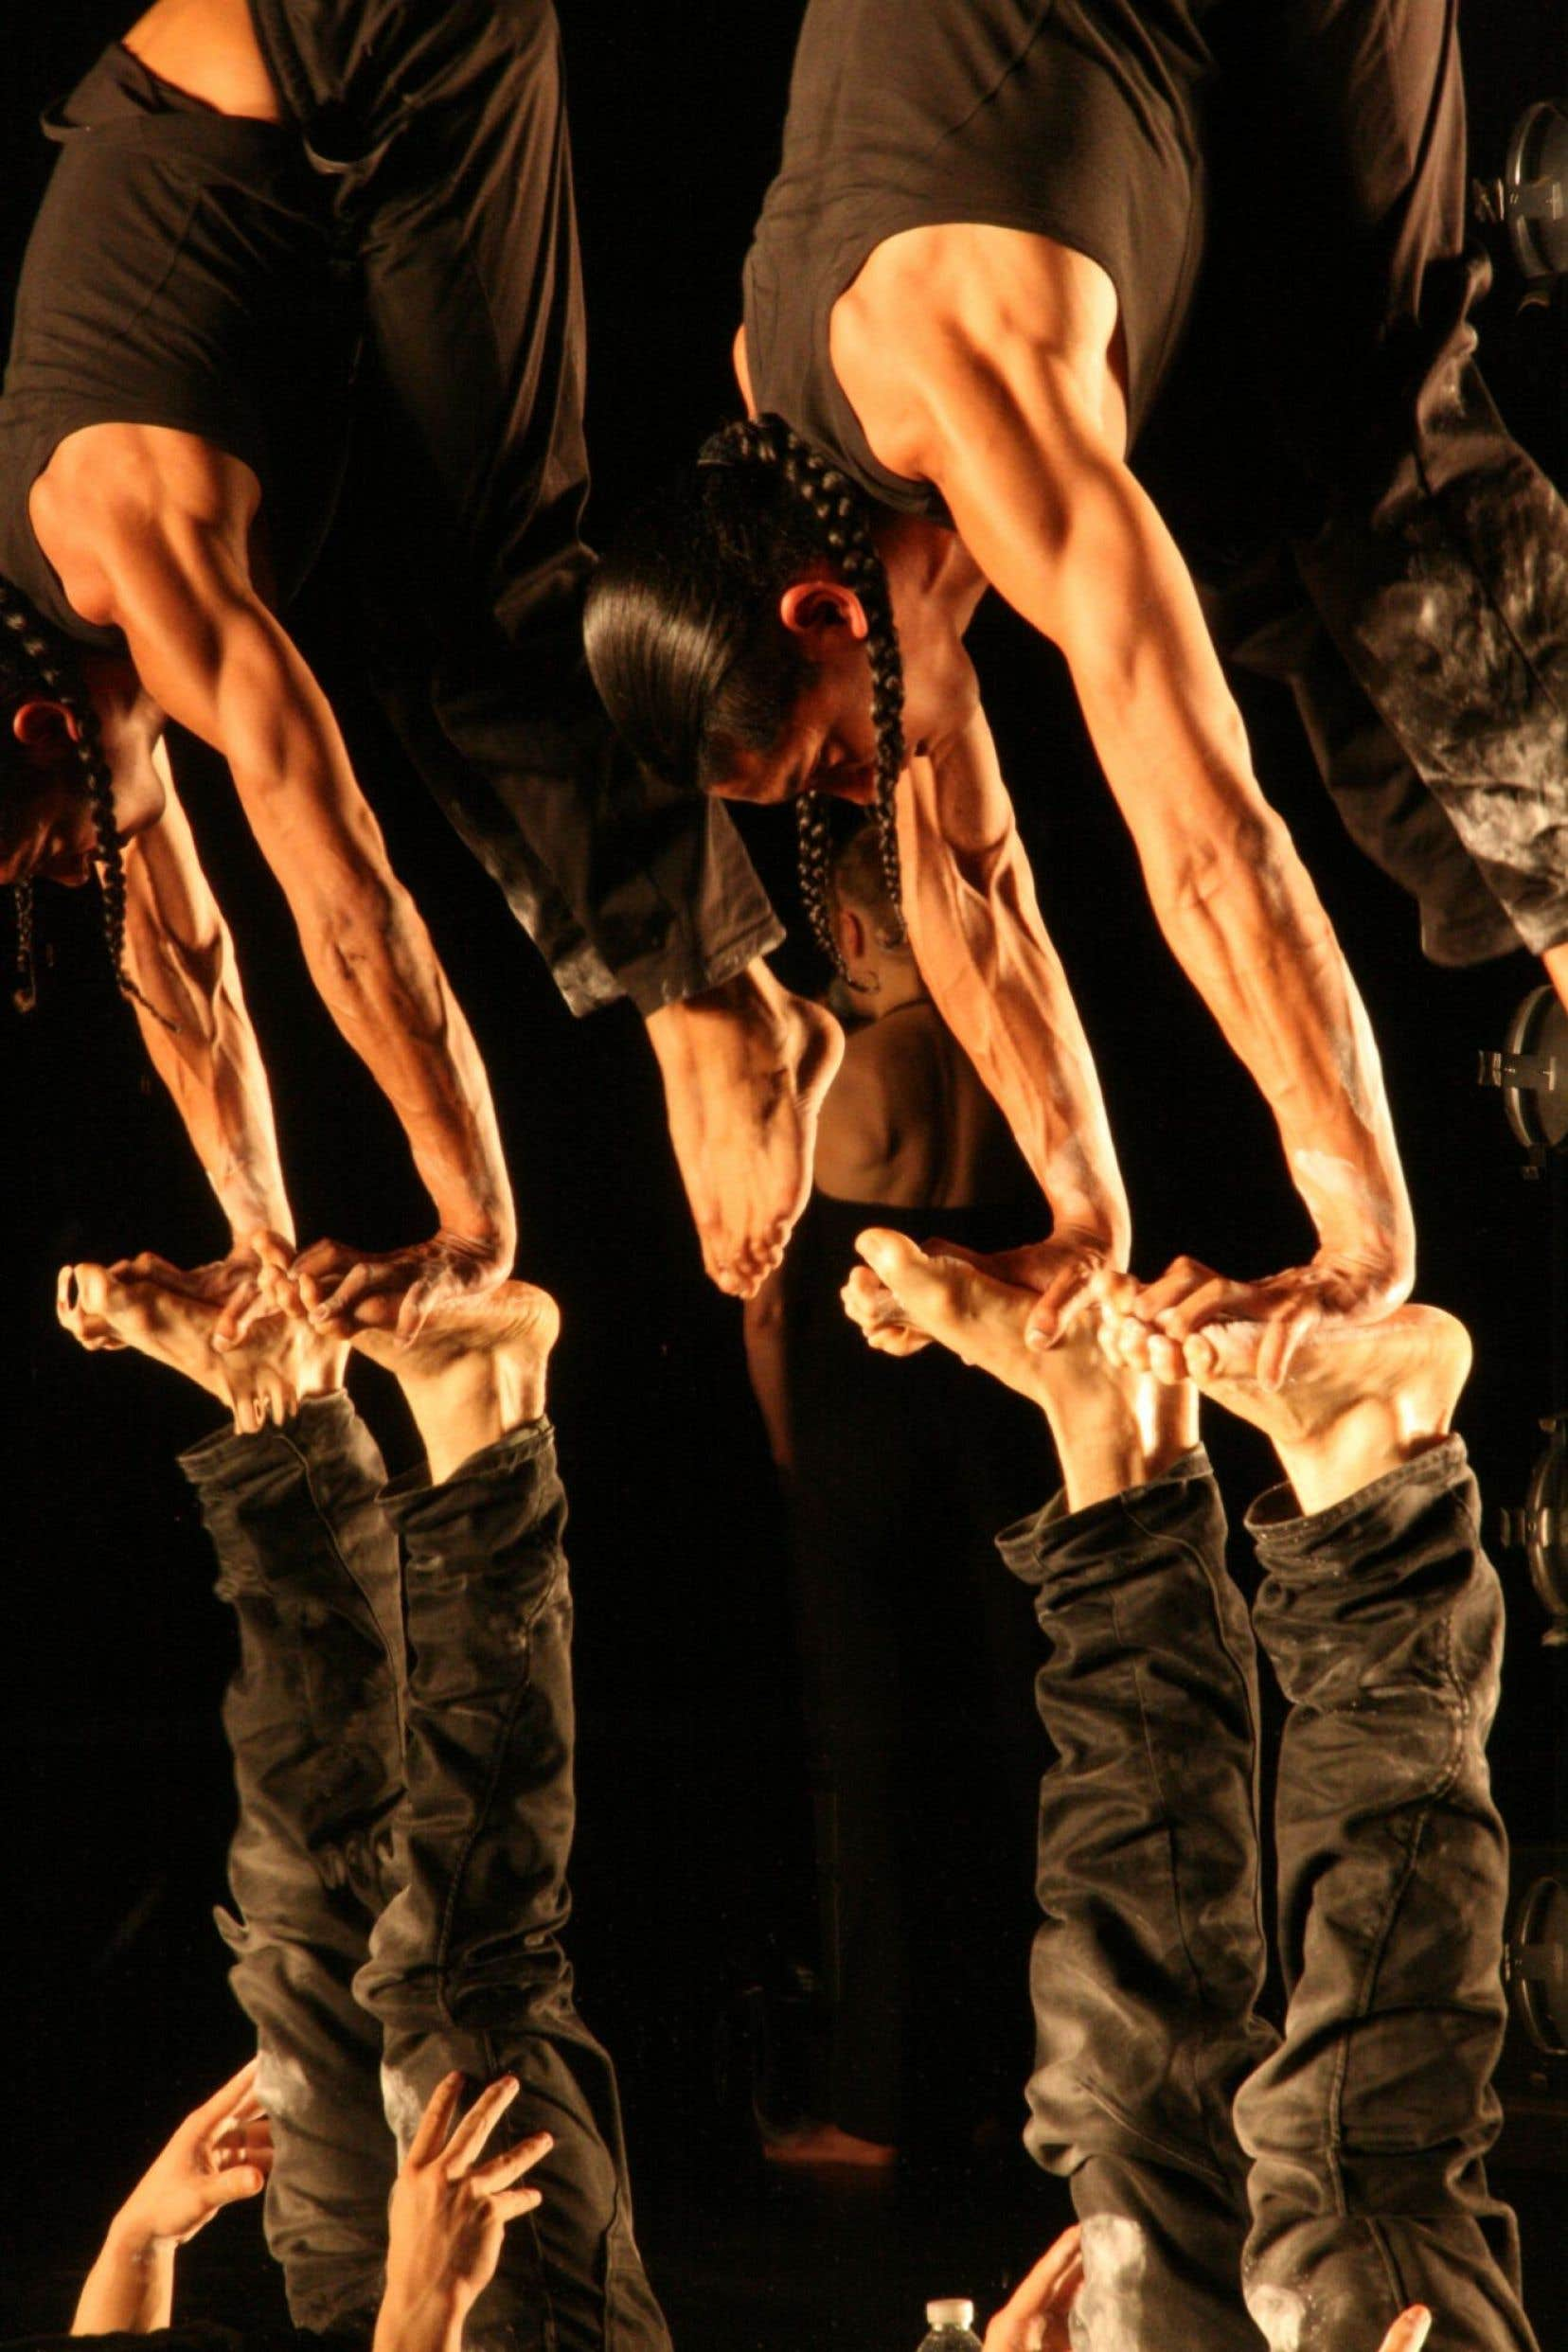 Dans «Warm», les deux acrobates se livrent à une épreuve de force.